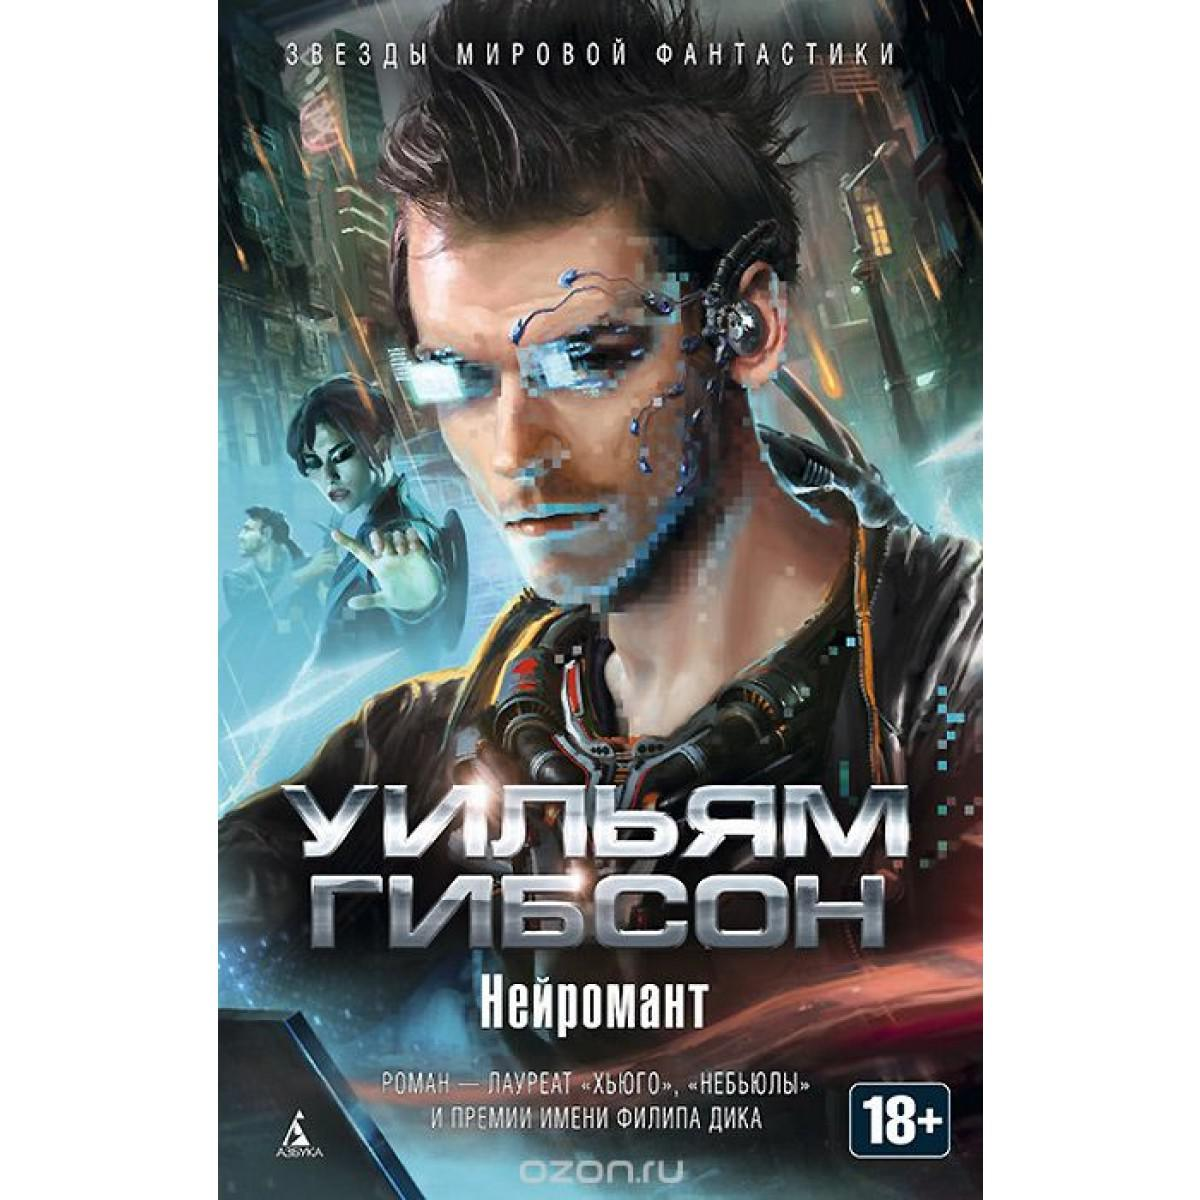 Рейтинг книг фантастики 2015